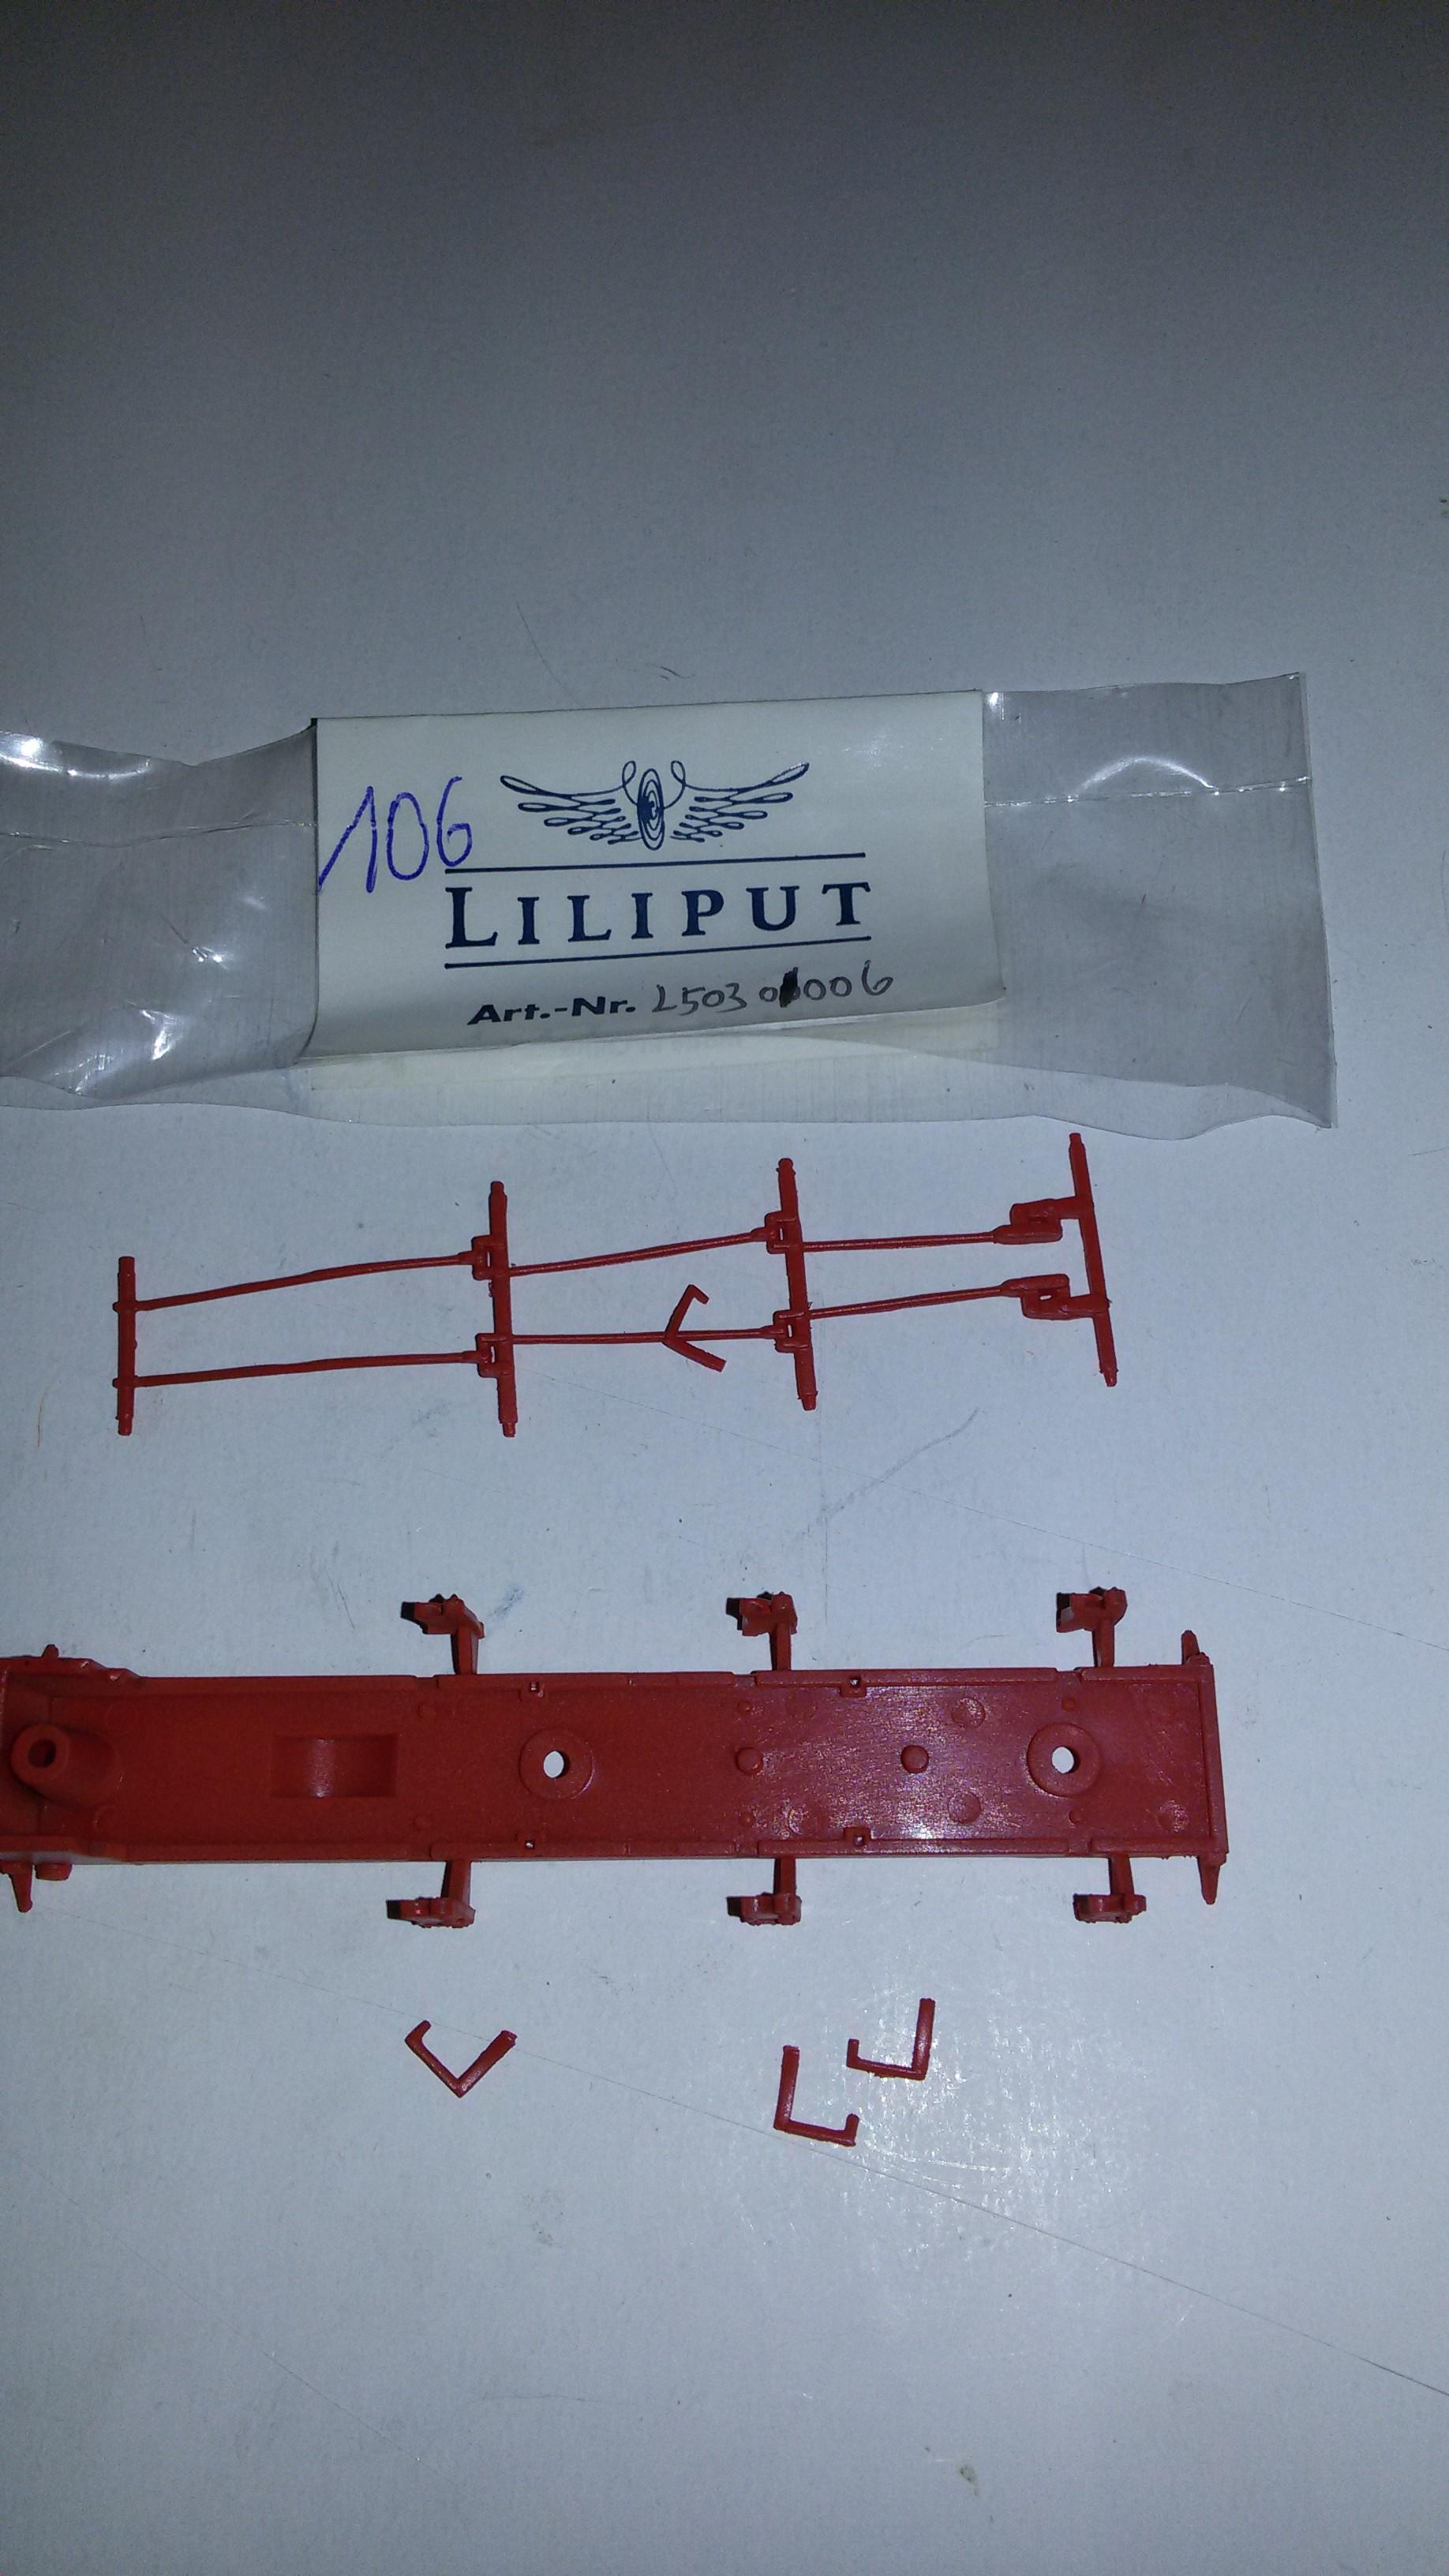 *LO 106* Liliput Ersatzteil L50301006 Rahmenabdeckung, unten L103010